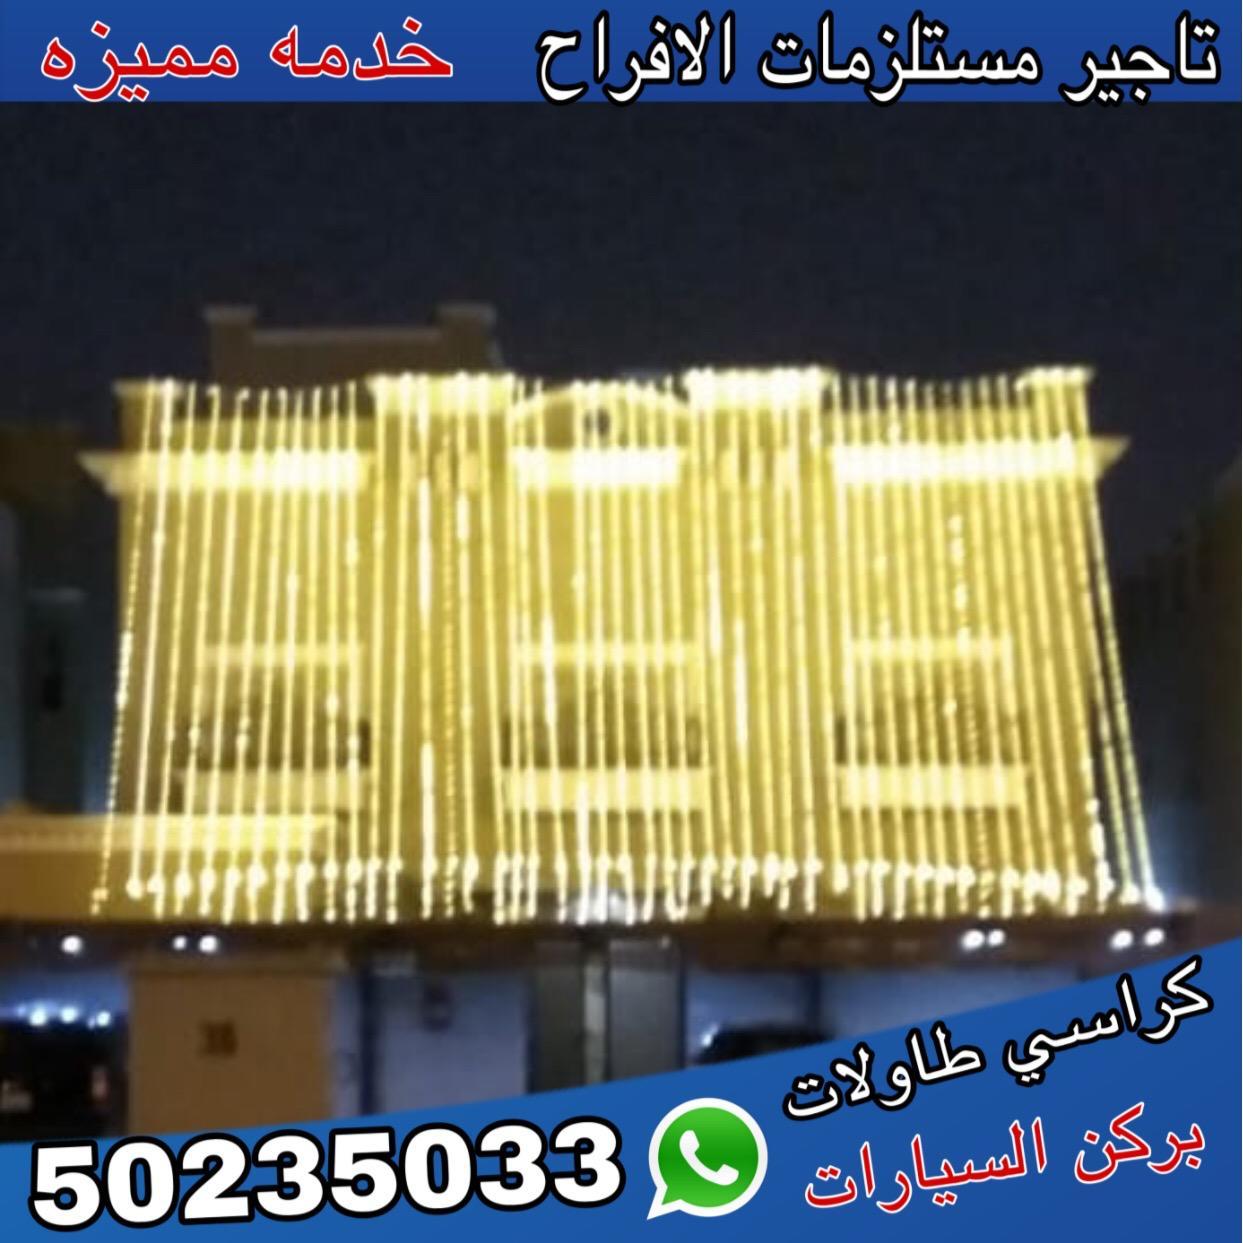 زينة افراح الكويت | 50235033 | الفخامة الكويتية